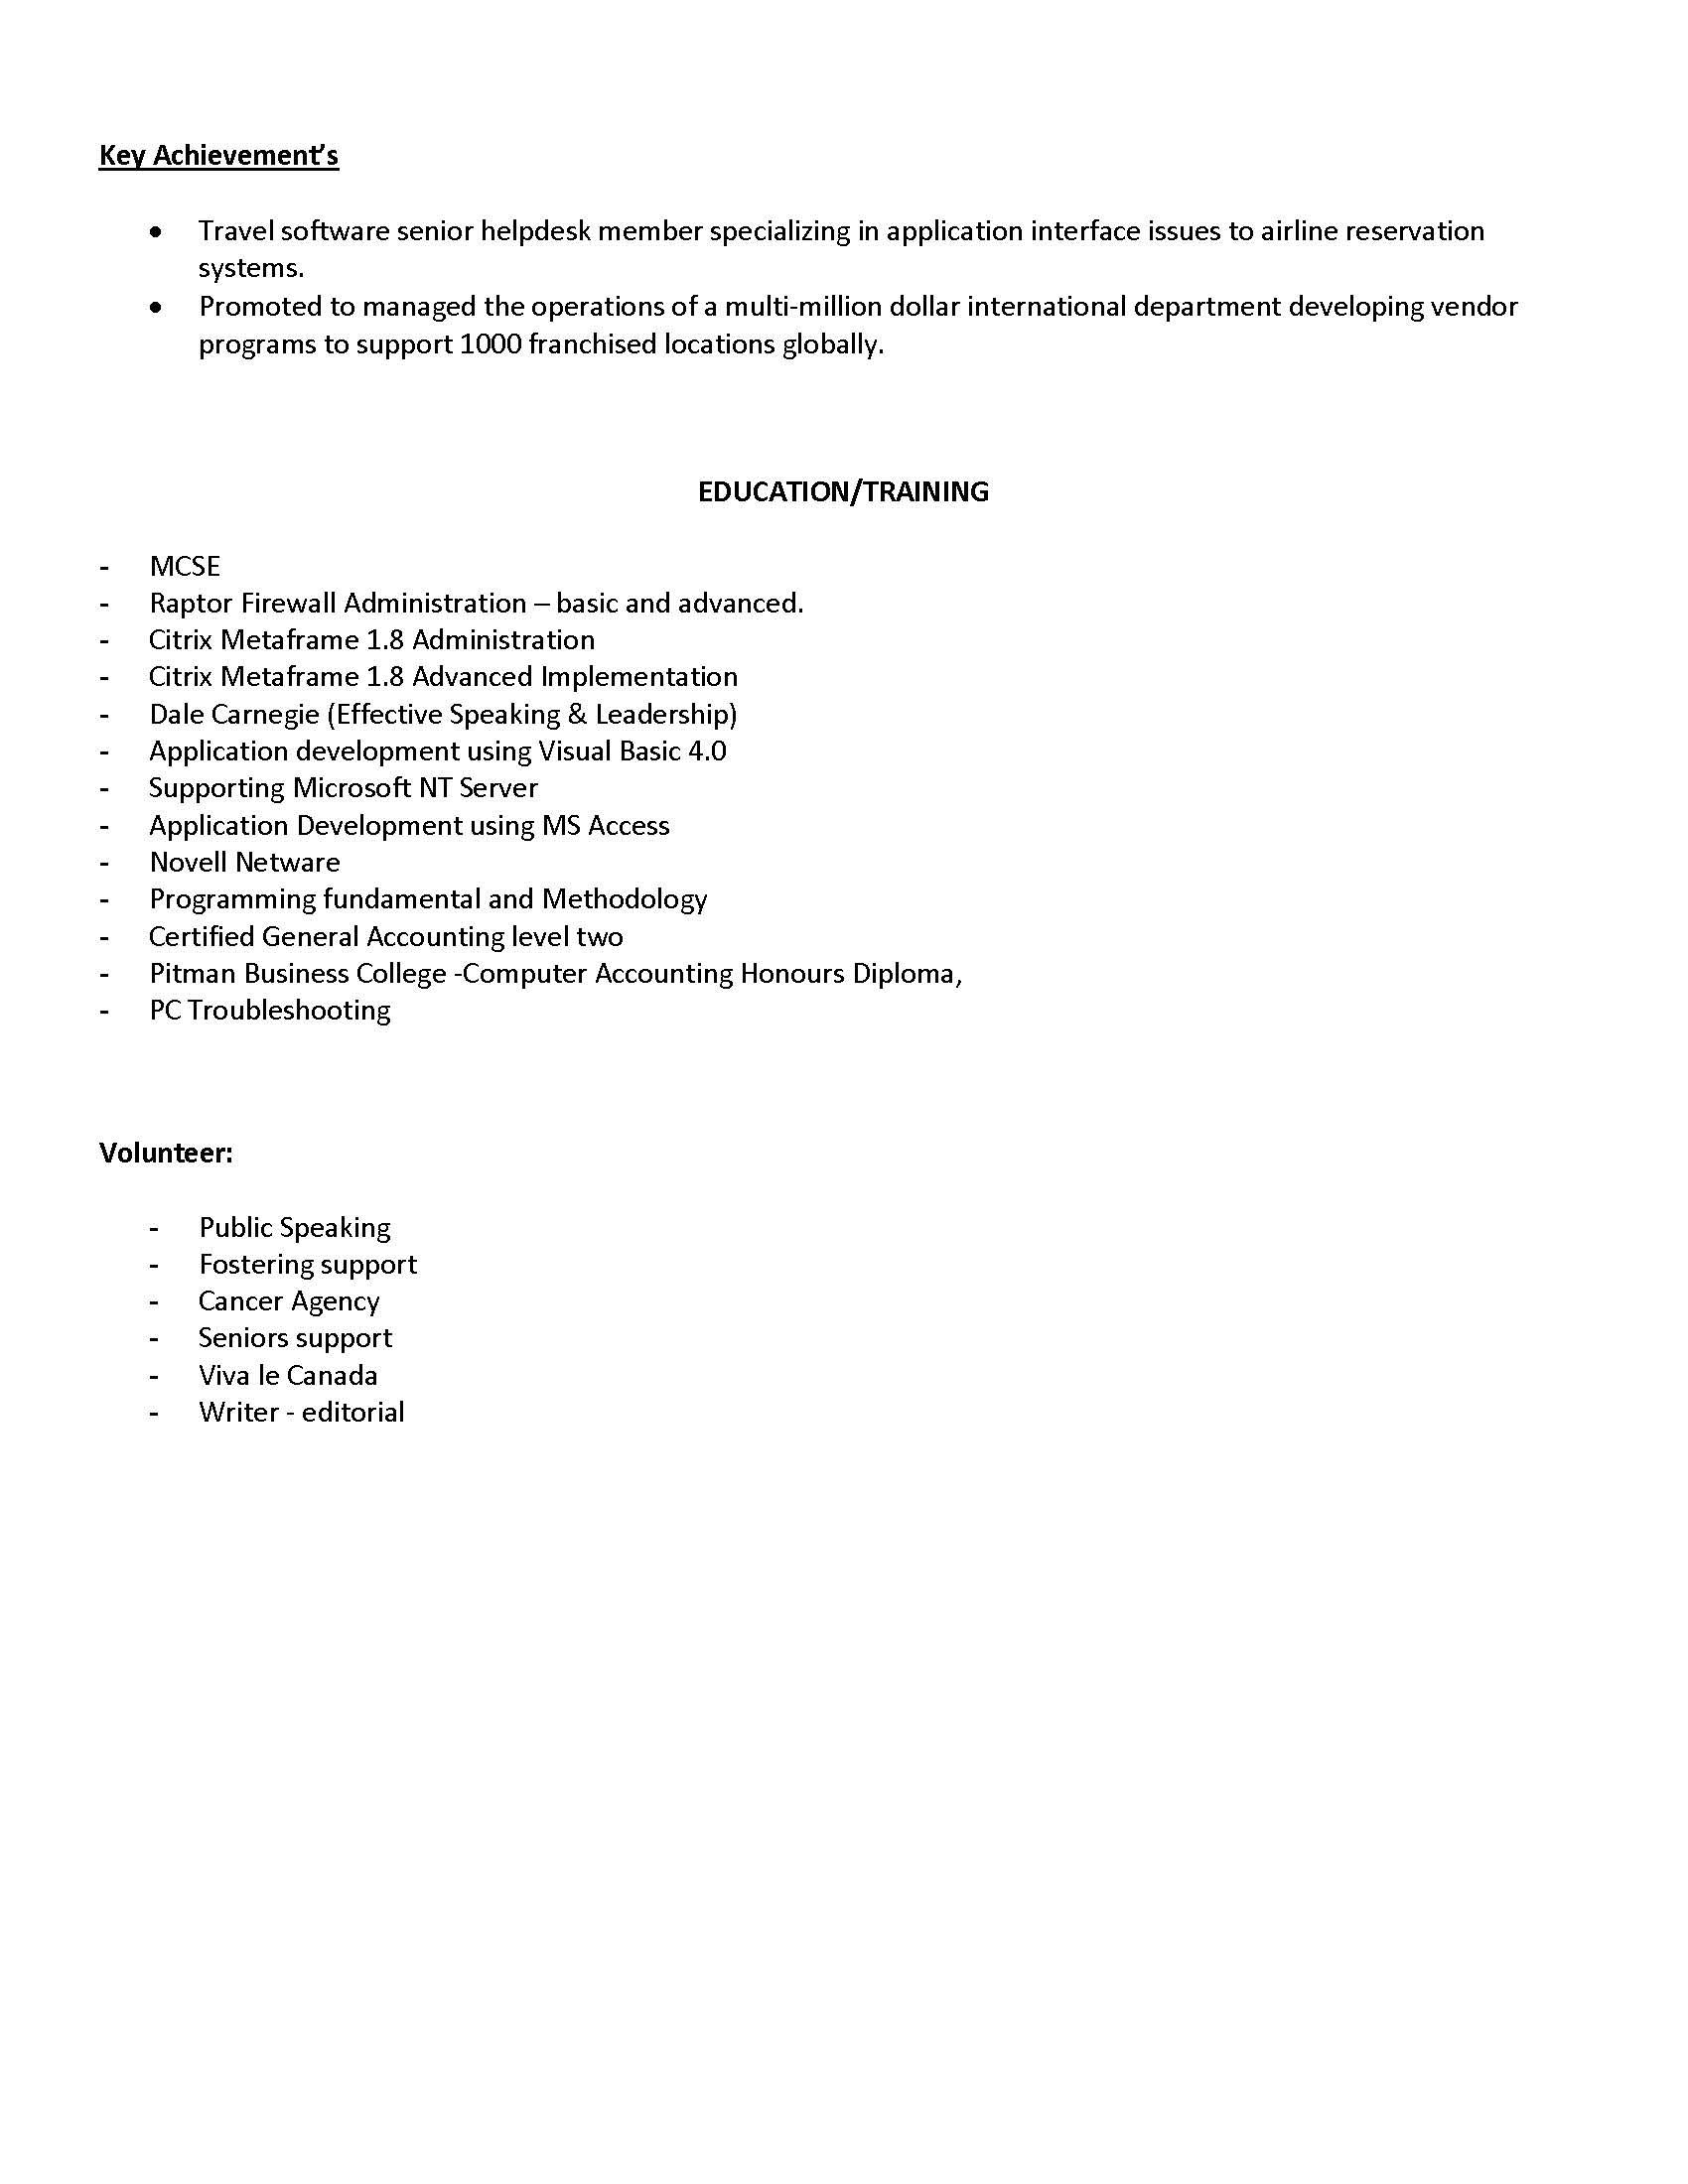 editing sheryl gray writing editing proofreading pharmasave brochure p 1